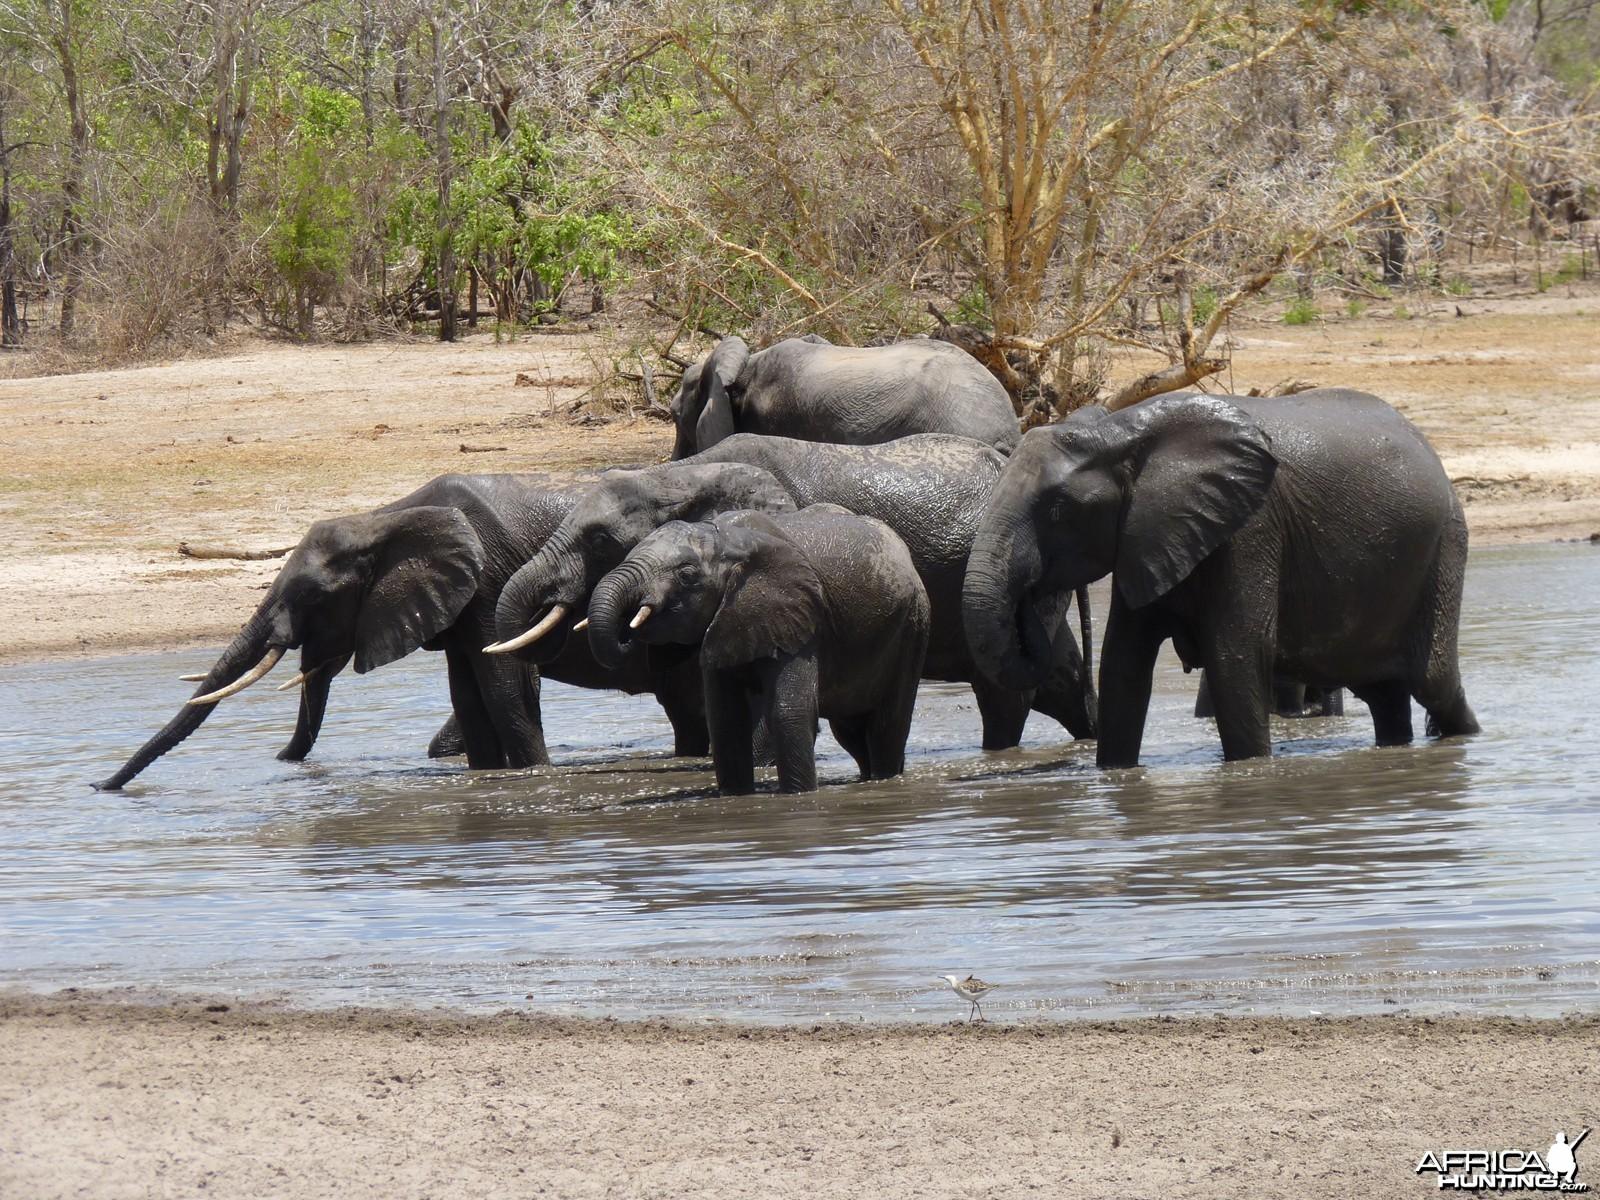 Elephant drinking in Tanzania